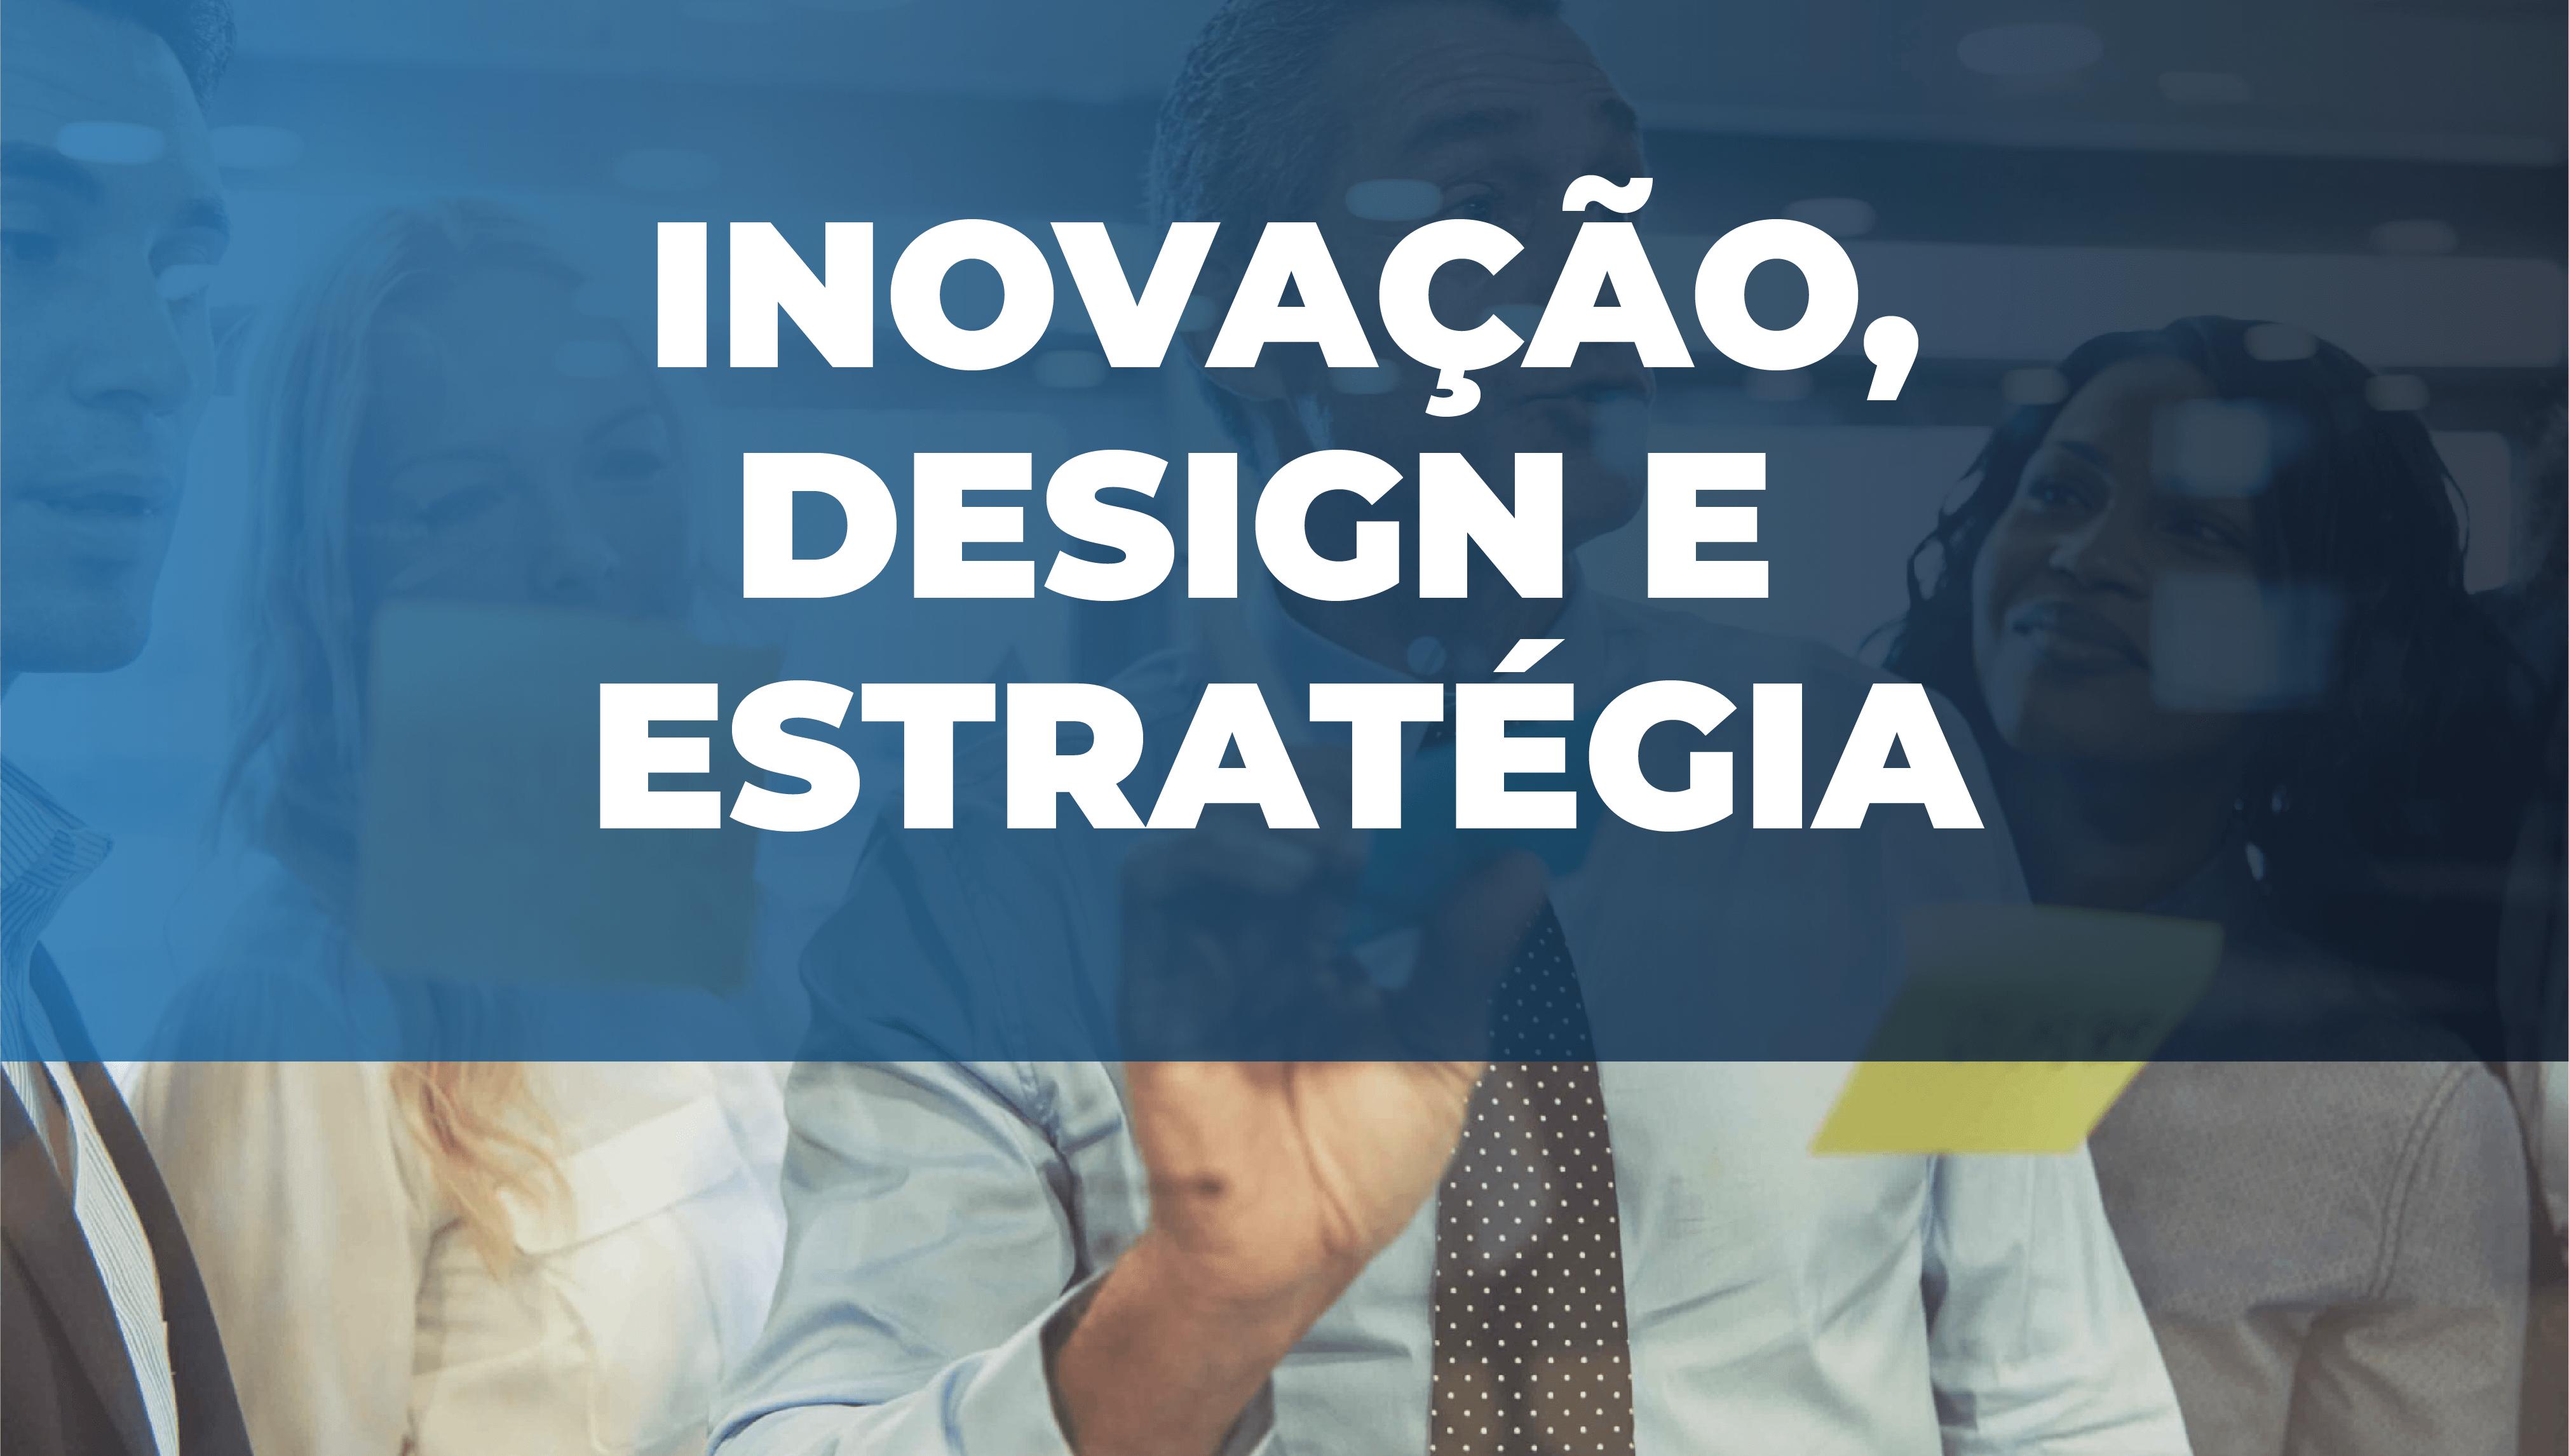 Inovação, Design e Estratégia